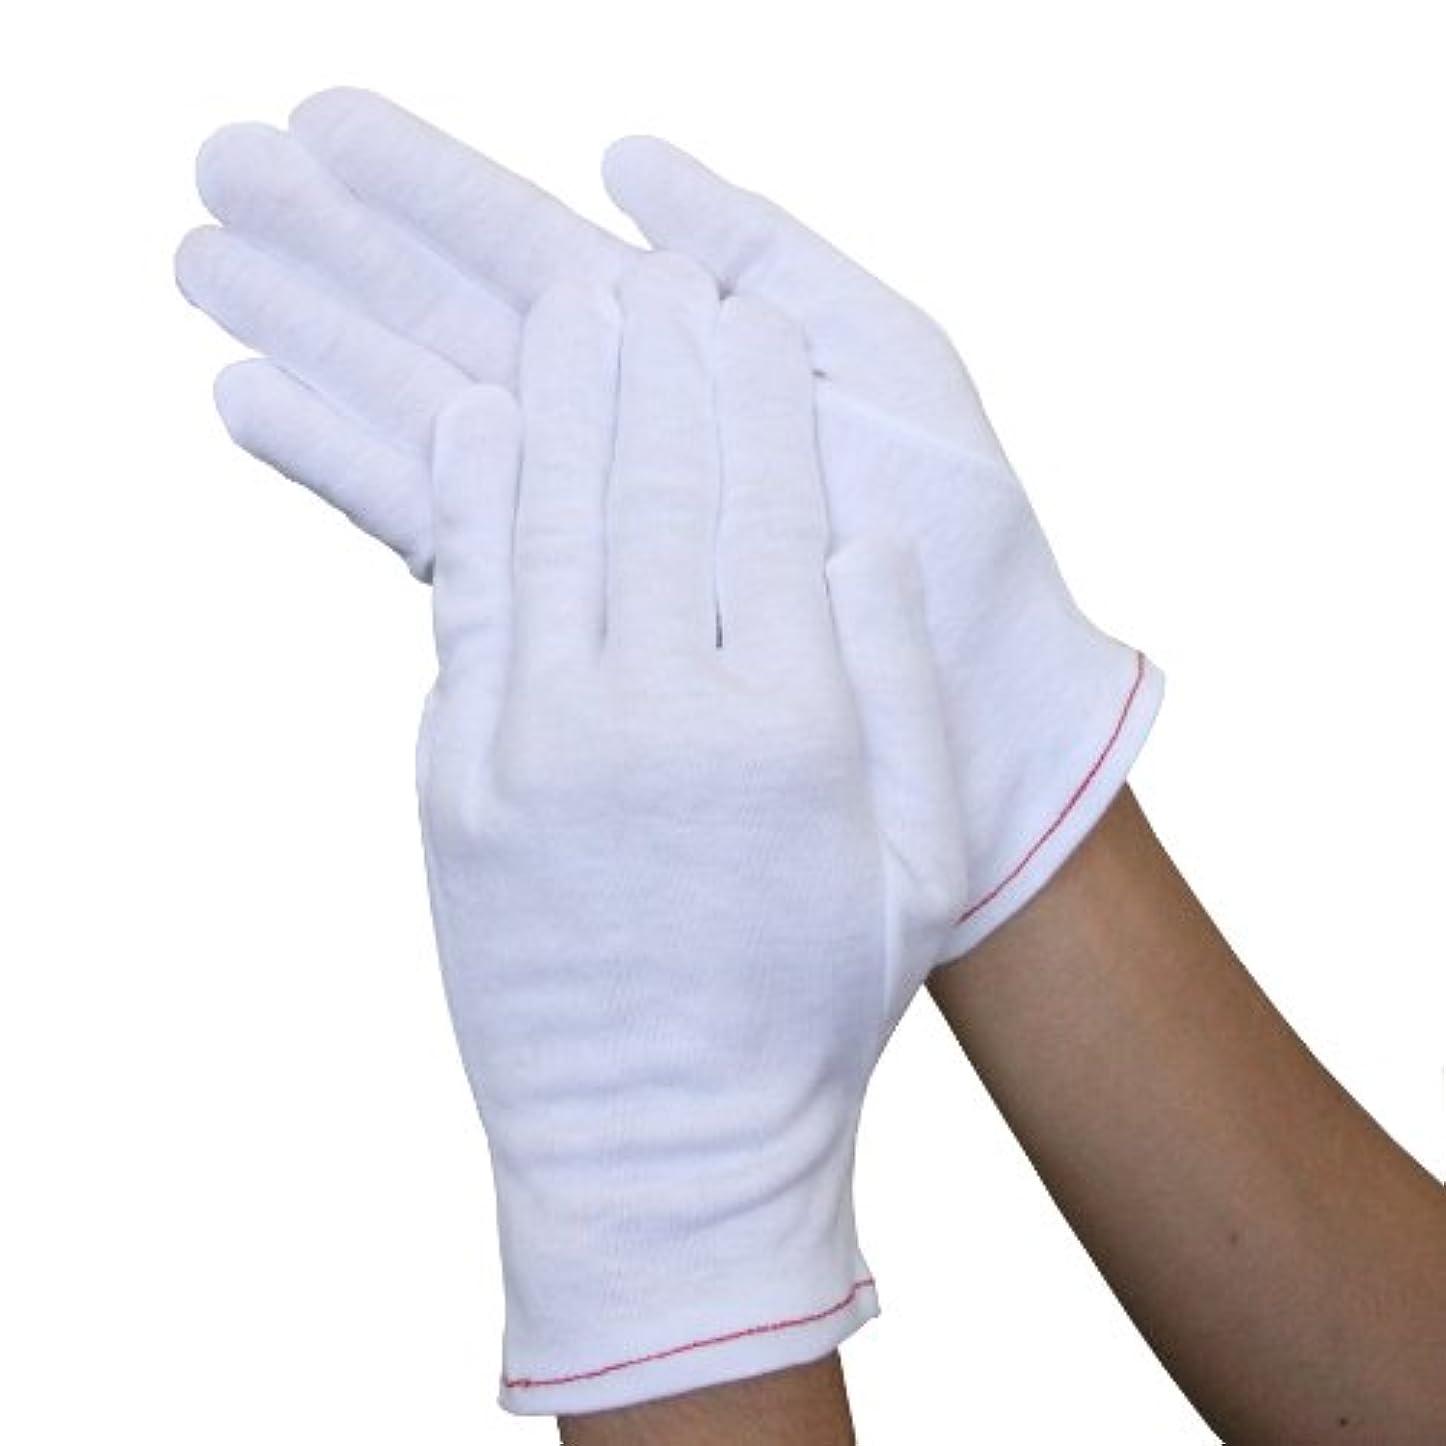 サーカス思いやりお手入れウインセス 【心地よい肌触り/おやすみ手袋】 綿100%手袋 (2双) (M)